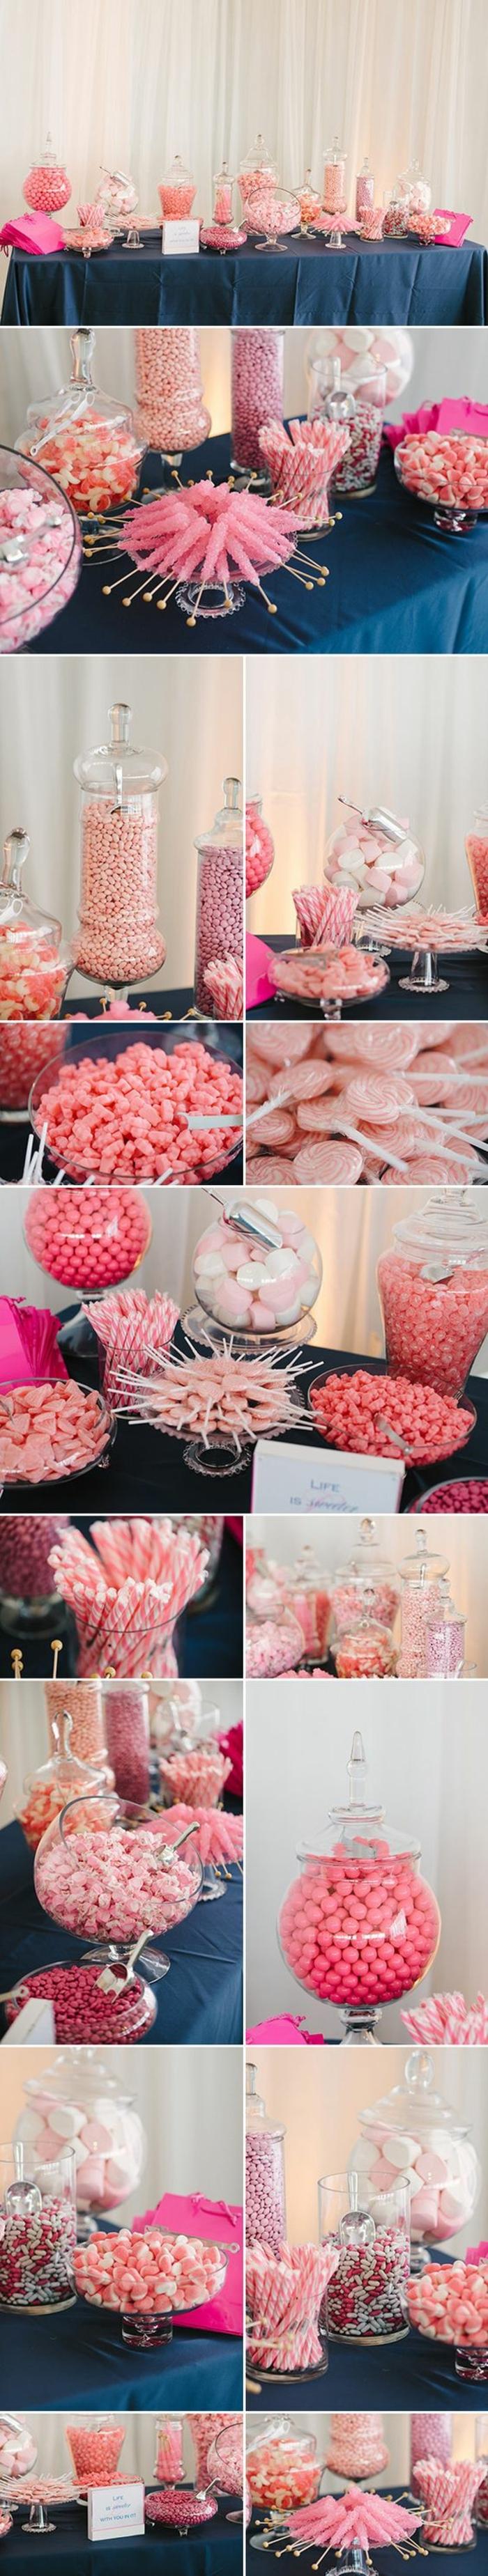 candy bar mariage à faire soi meme, bonbons couleur rose, dragées, guimauves, gélifiées, réglisses, boules de gomme, sucettes, nappe bleue, fond rideau blanc